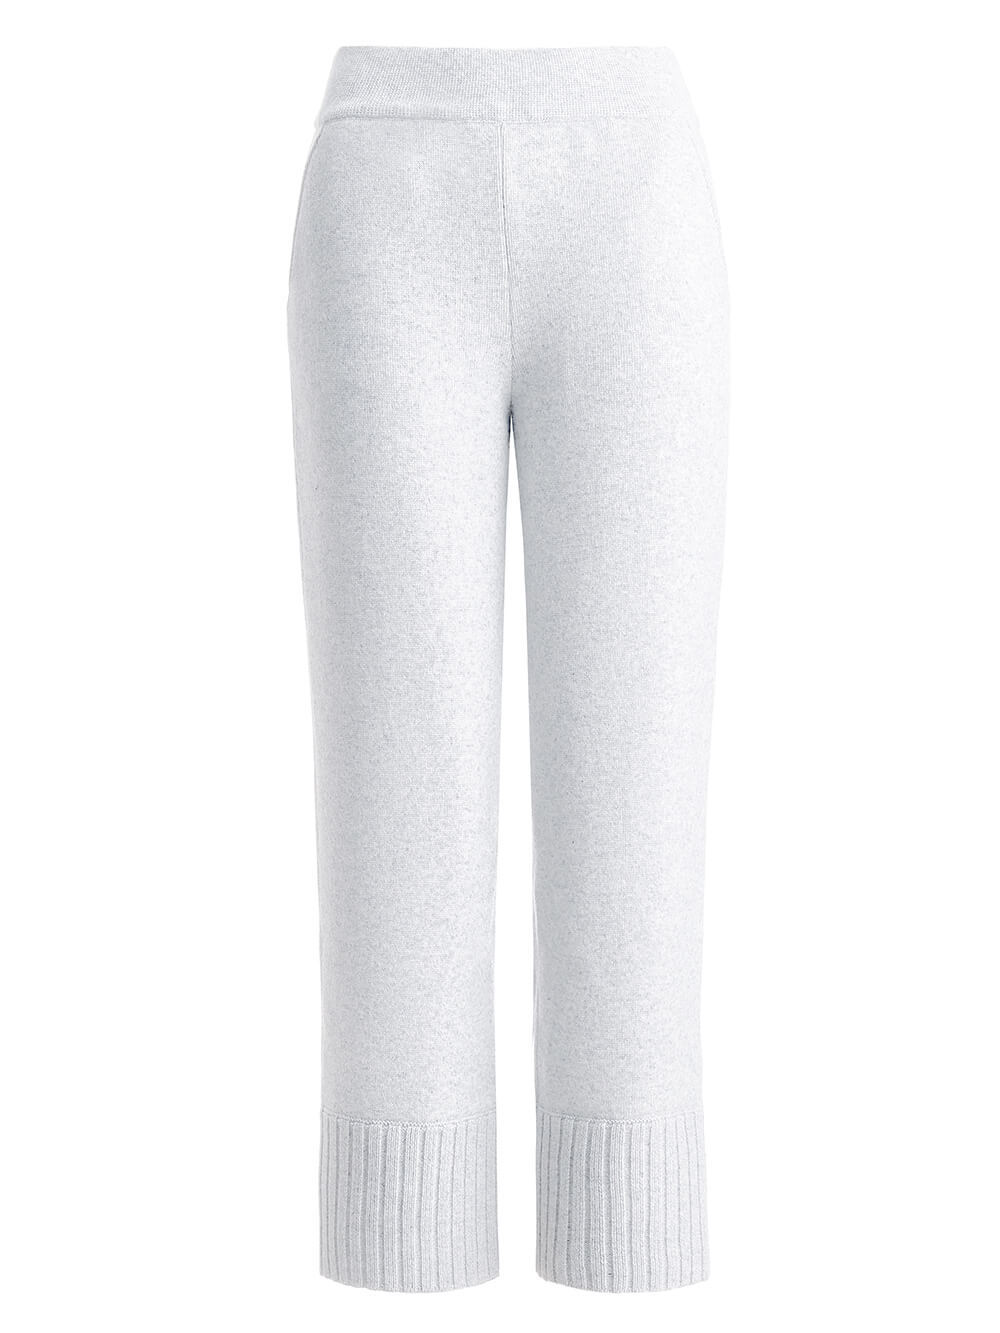 Женские брюки белого цвета из шерсти - фото 1